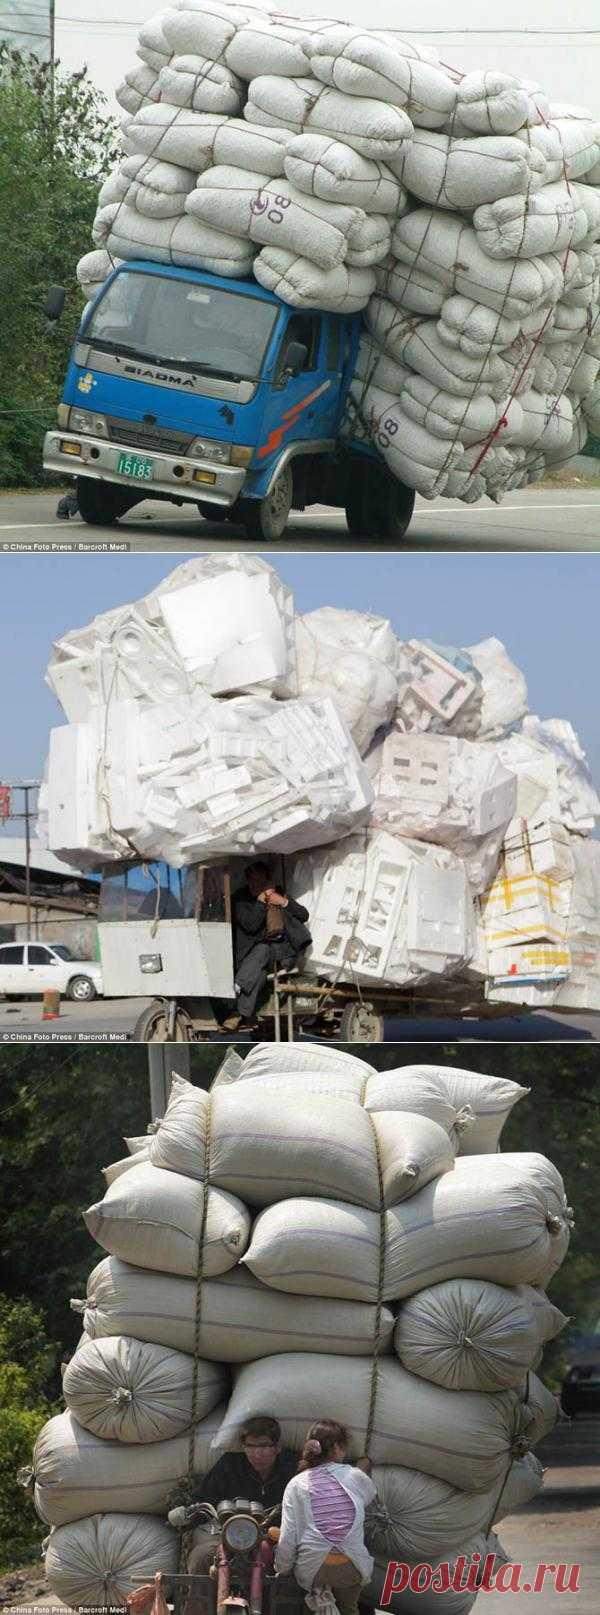 Особенности национальных перевозок в Китае | Кликабол - всё самое интересное